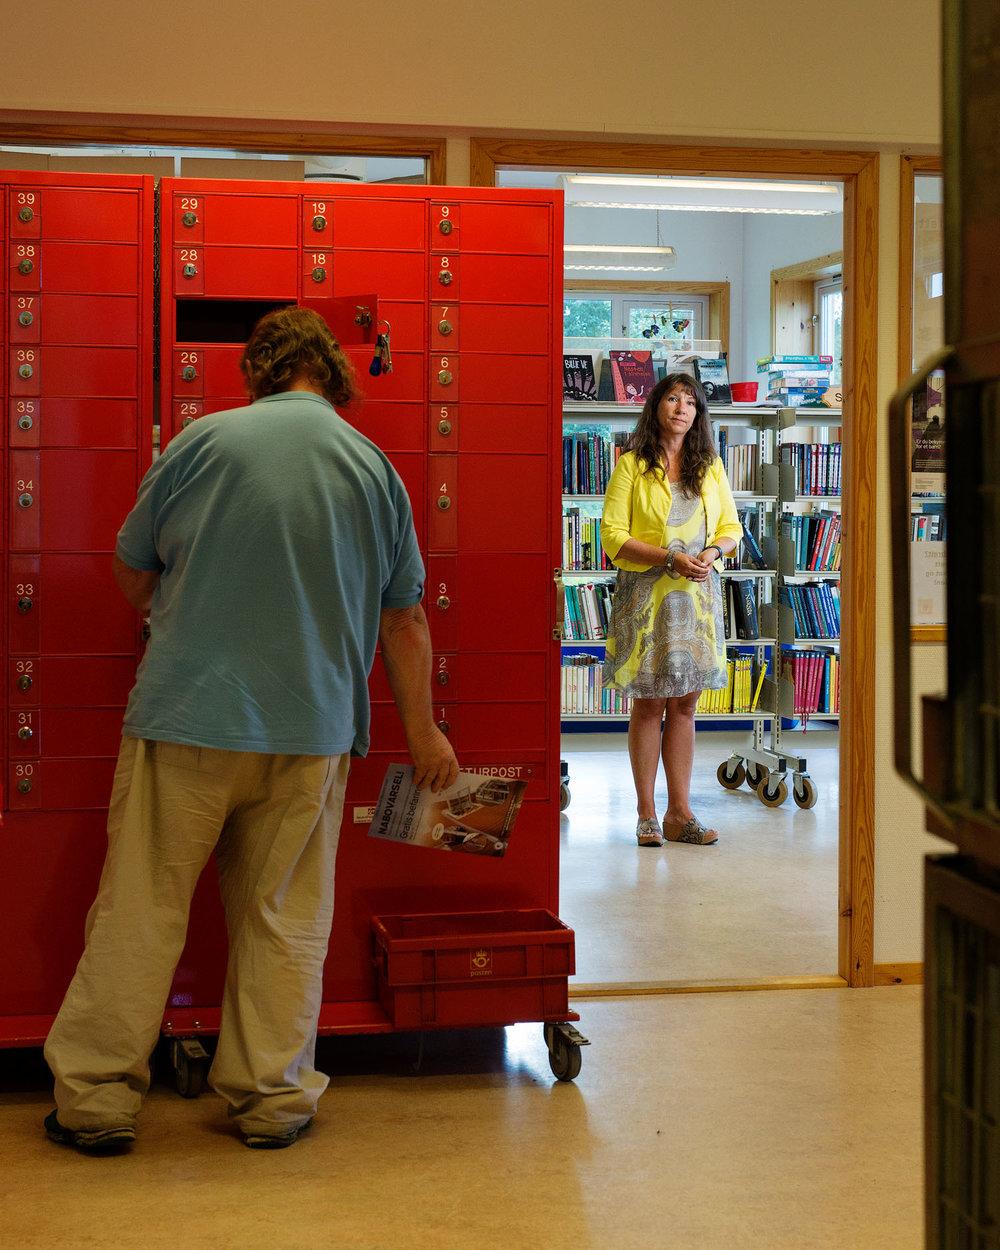 Hobøl bibliotek   Biblioteknr.: NO-2013800 Hobøl, Østfold Fotografert: 2016  «Posten har flytta mange ganger. Gjensidige hadde Posten sist, men ville ikke fortsette med det fordi det ble for kostbart. Det samme sier Kiwi. At det skal bli noe billigere for oss å ha Posten, det klarer ikke jeg å se. Etter at vi ble postkontor har vi fått så mye kjeft som vi aldri har fått før, fordi vi har måttet endre åpningstidene. Men det verste var kanskje at Posten tok arealet vårt. Vi hadde en fin lesesal og god plass til arrangementer.»   Kristin Lippestad. Etter at Posten flyttet inn i biblioteket, ble hun biblioteksjef, kultursjef og postsjef i Hobøl kommune.